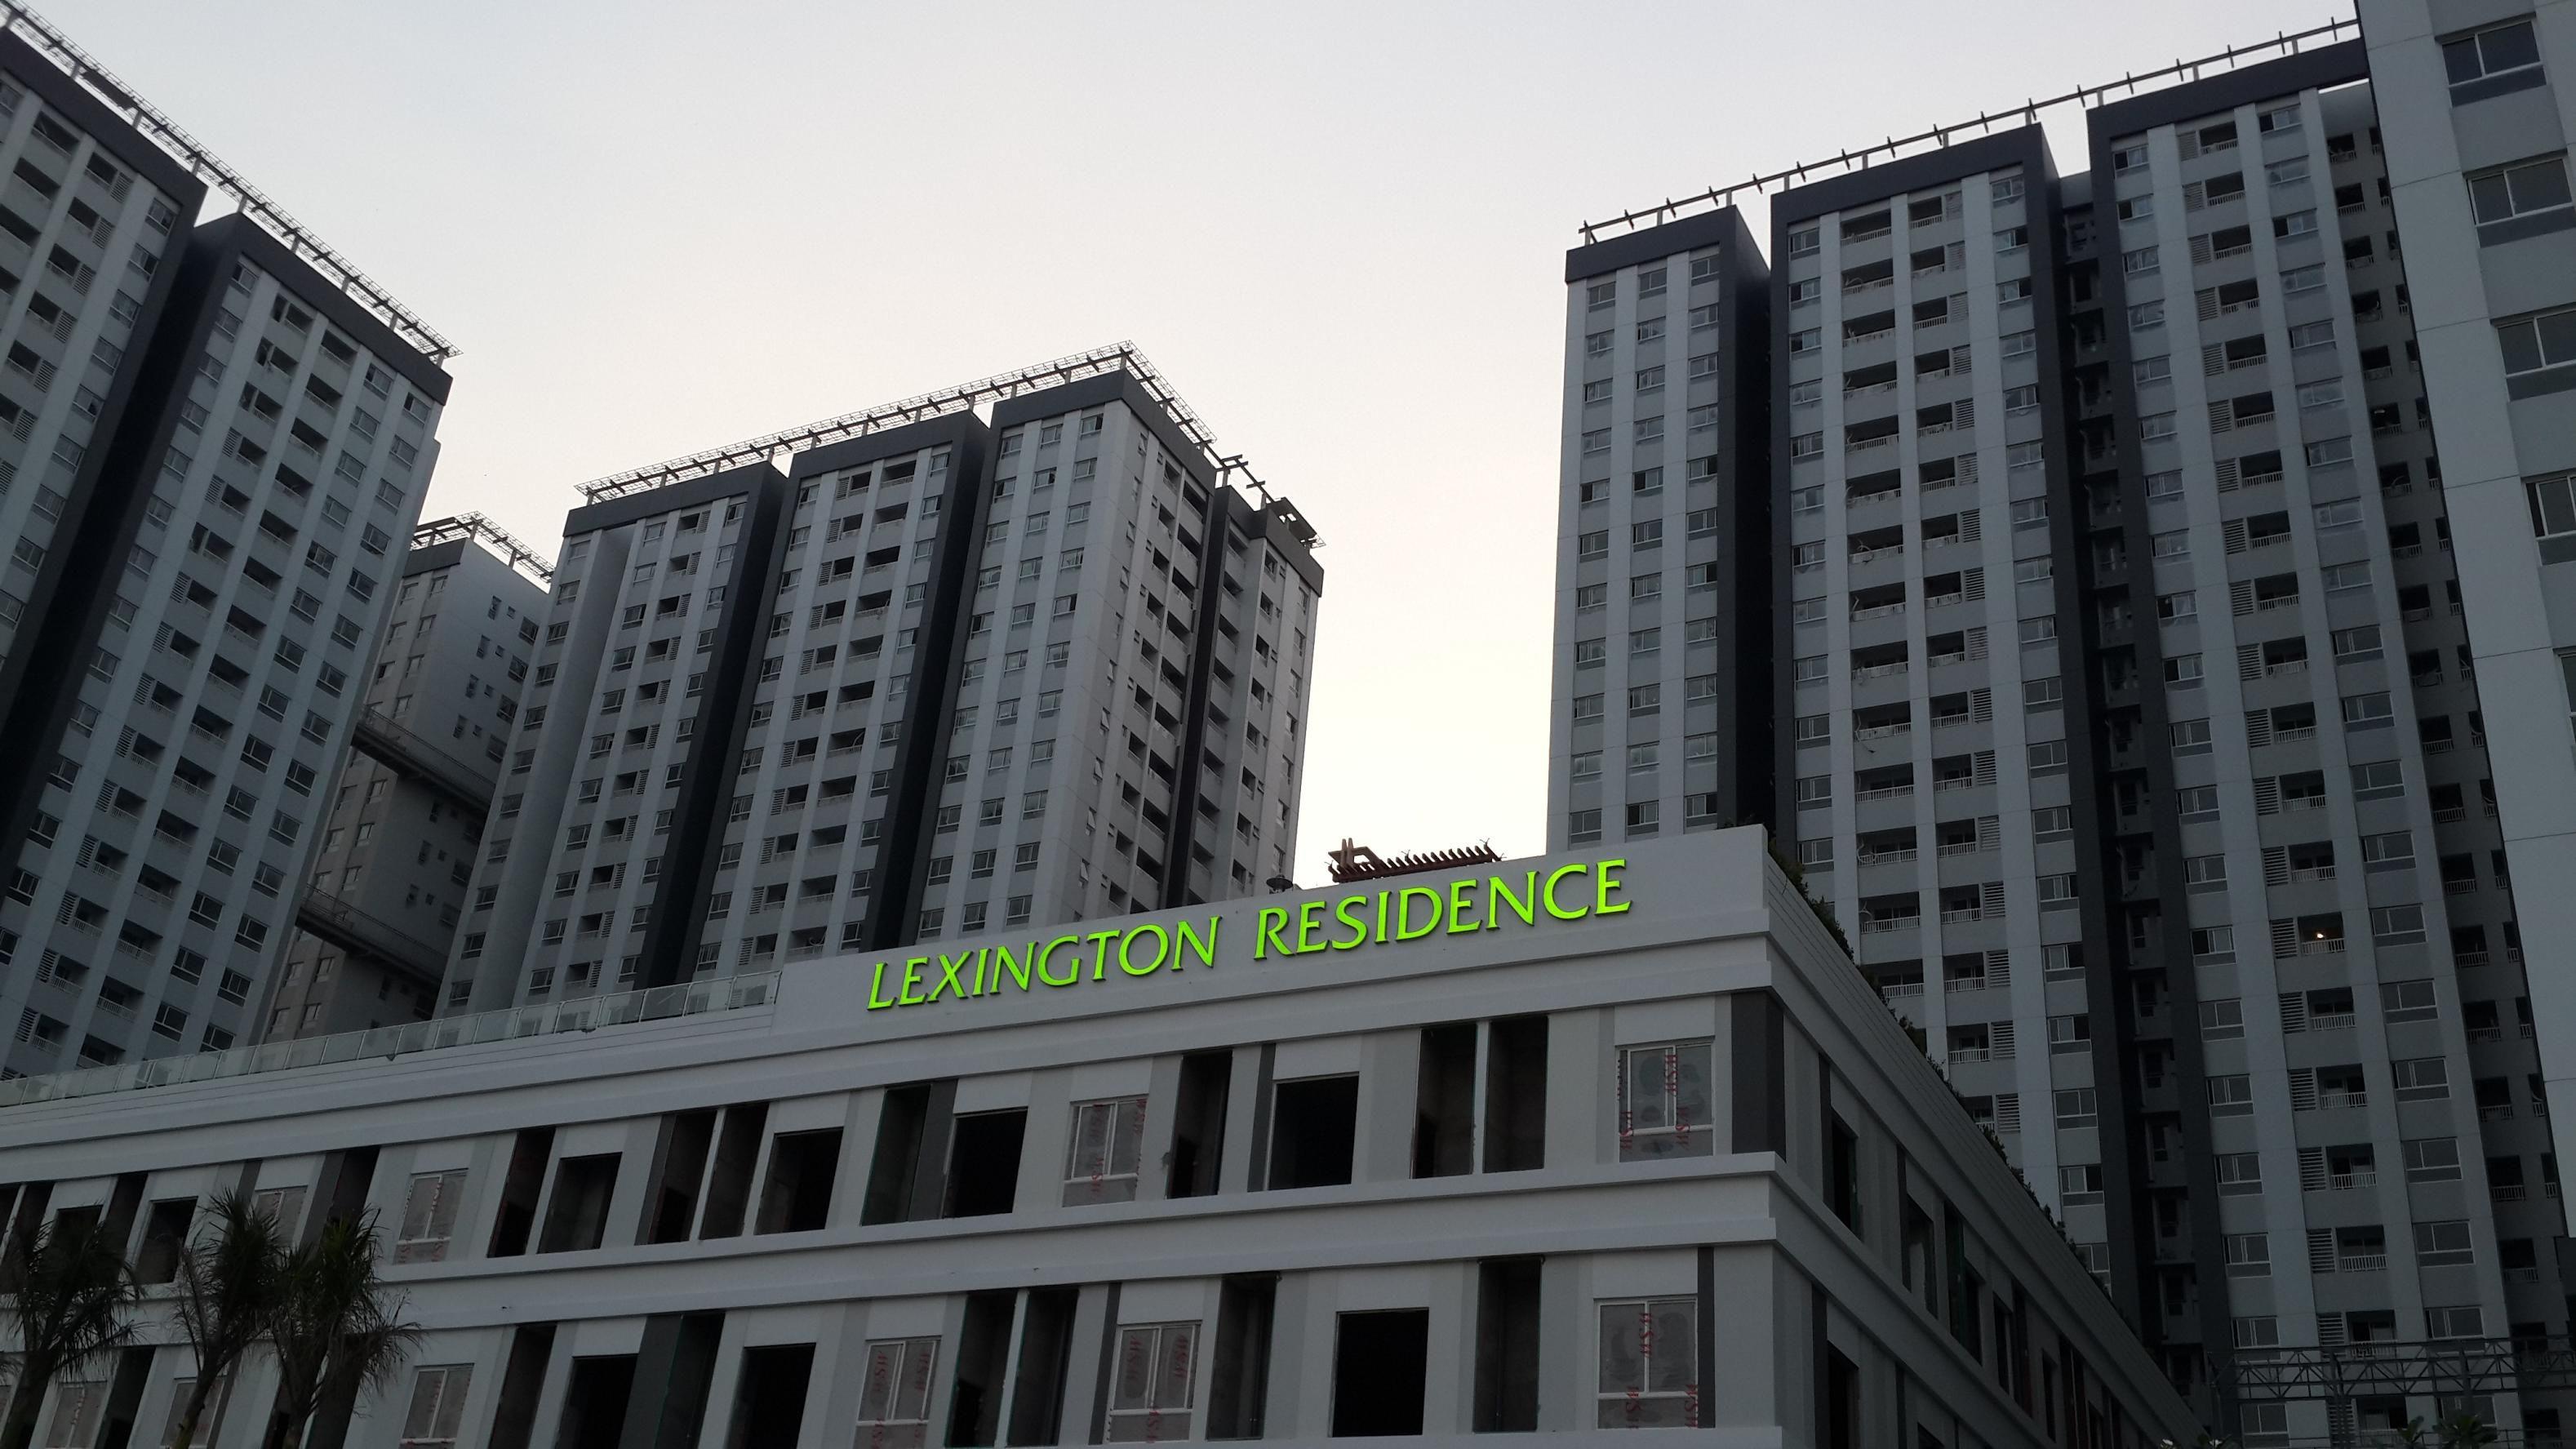 Signage - Design & Build consultants in Vietnam  - Ambassador Signage Vietnam